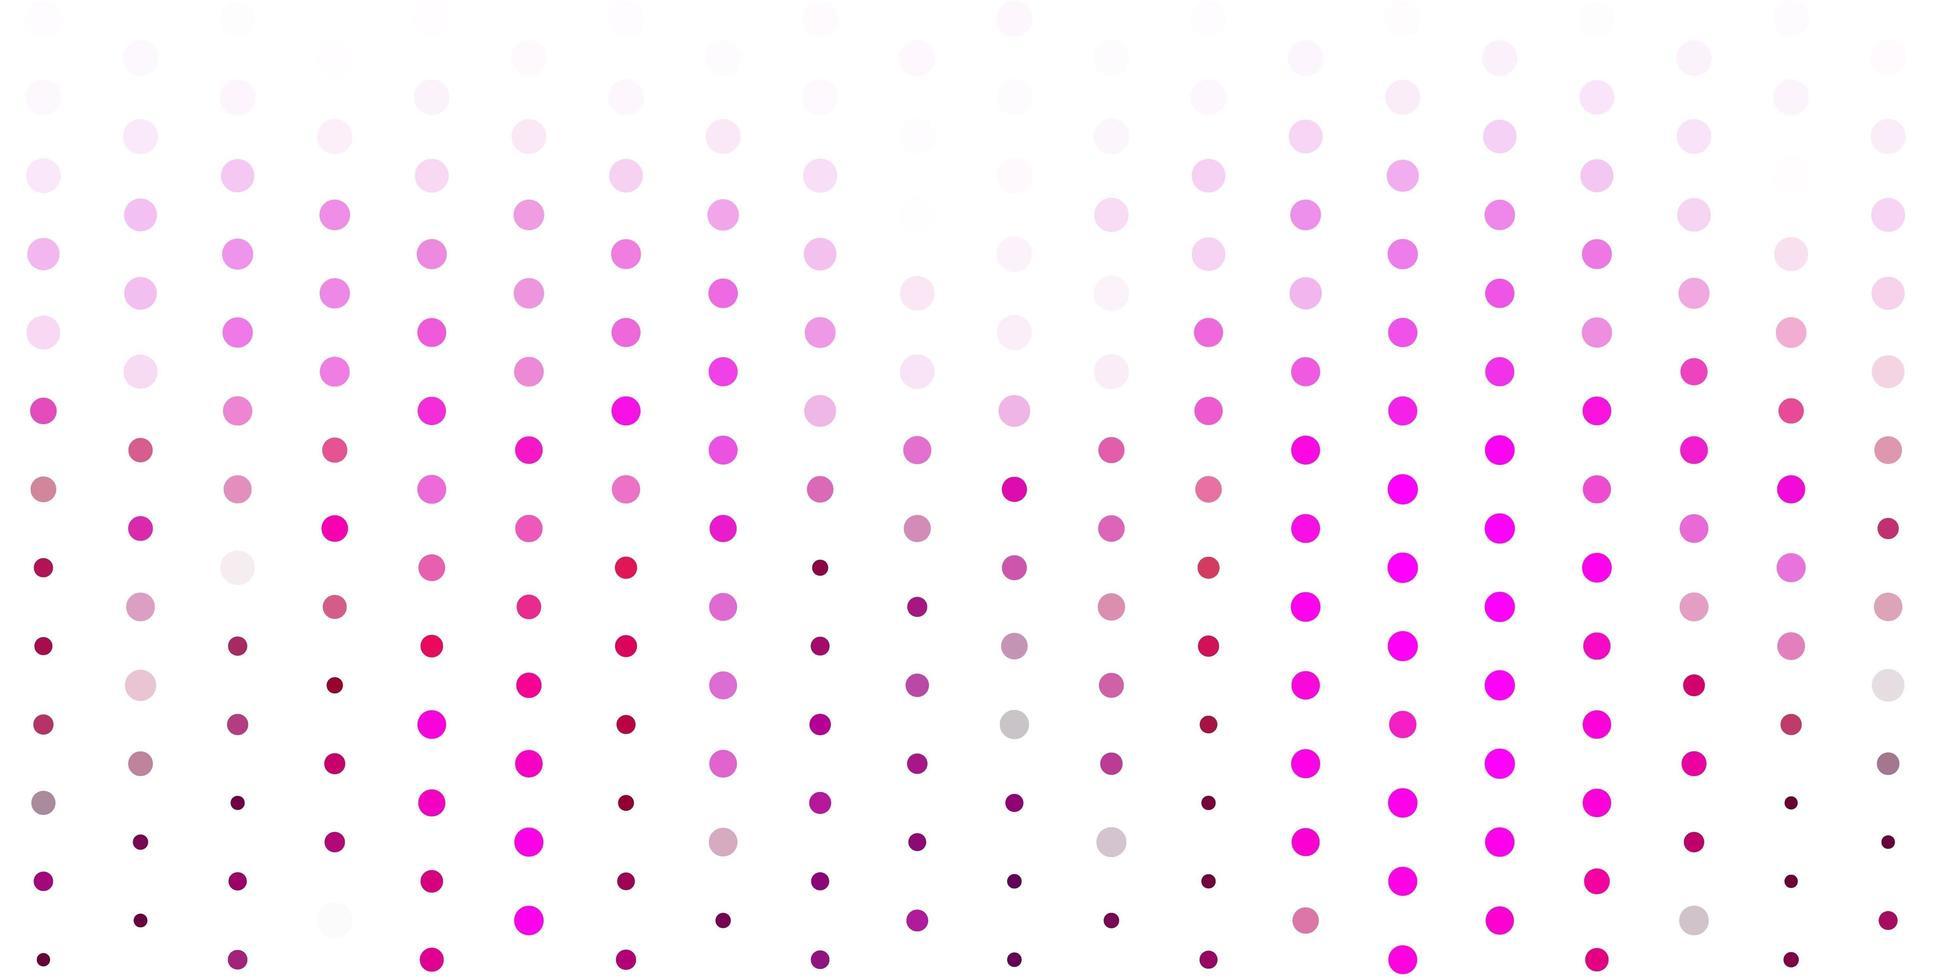 modèle vectoriel rose clair avec des cercles.